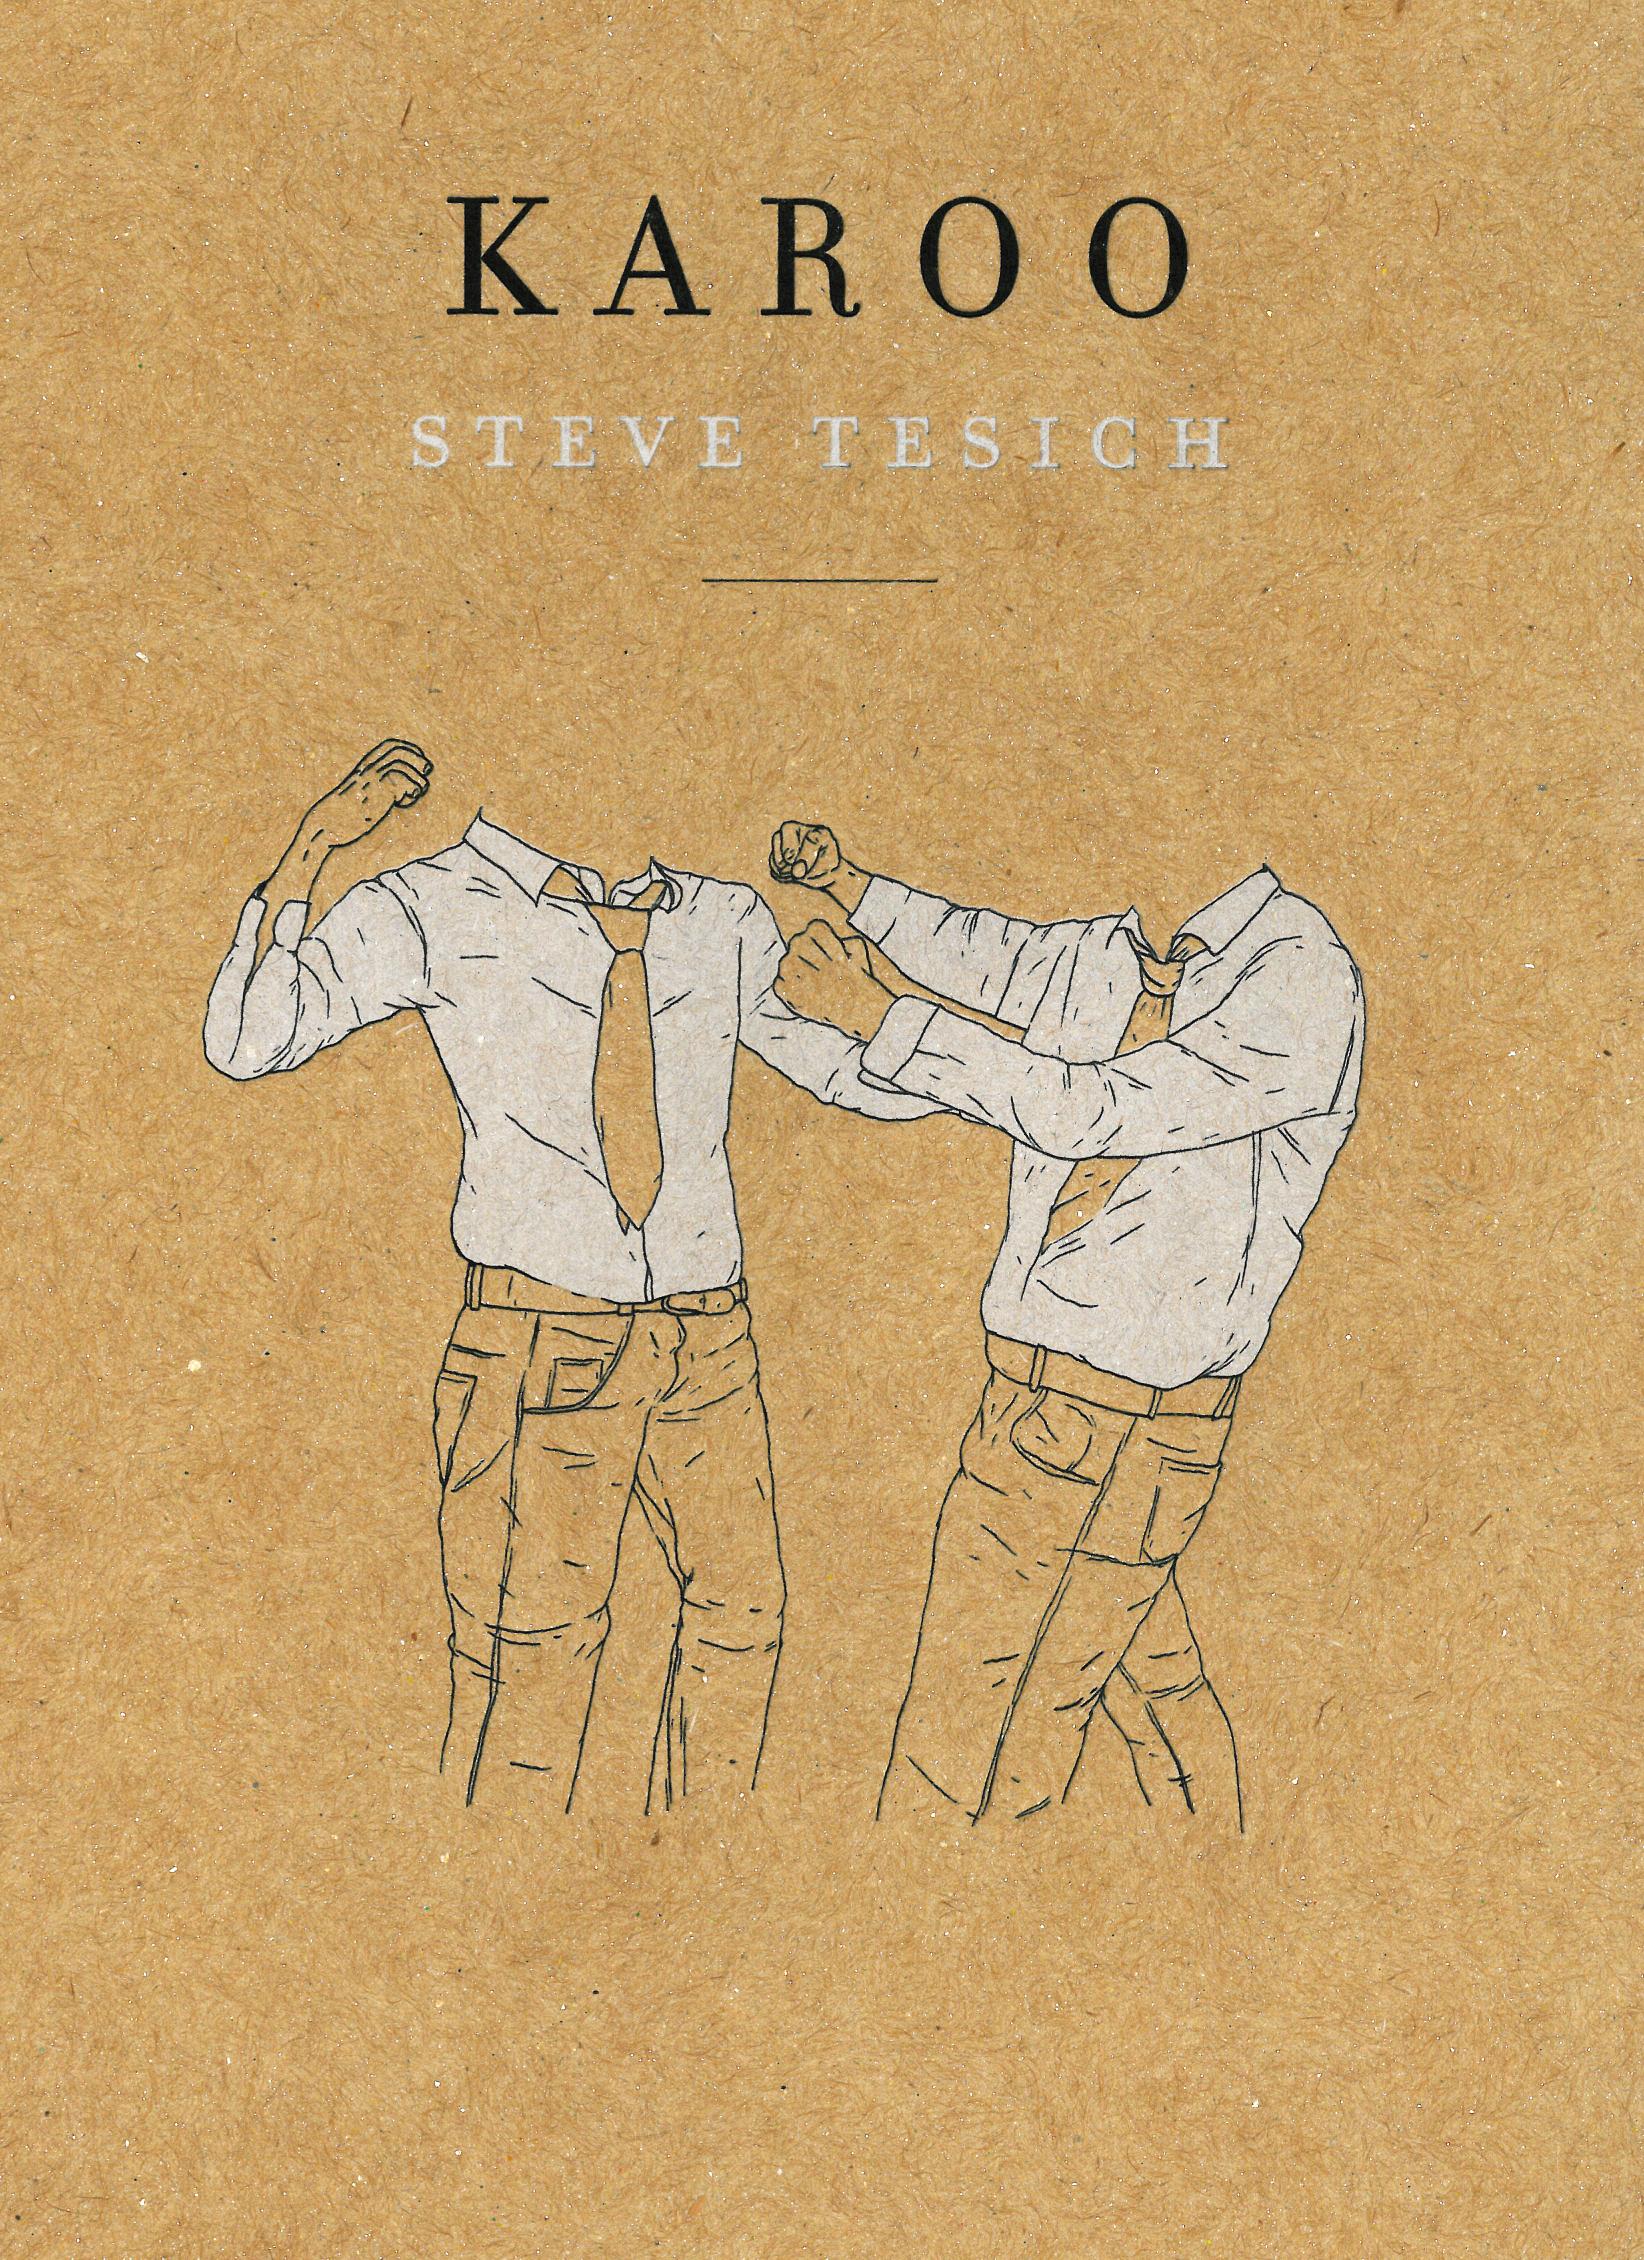 Karoo Steve Tesich